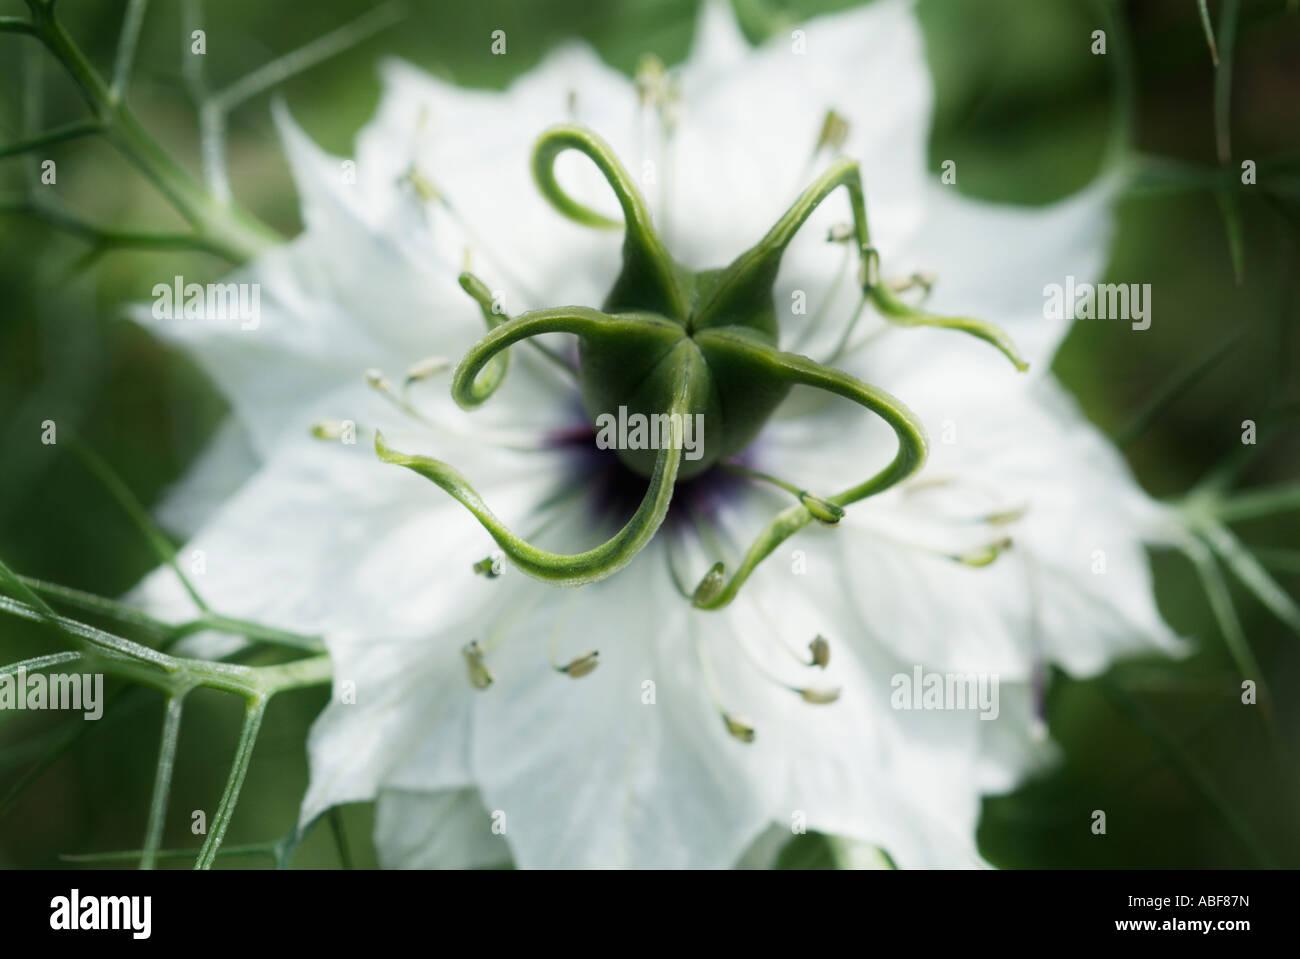 L'amour dans un brouillard blanc Nigella damascena macro close up detail capitule annuel symbole de l'amour Banque D'Images